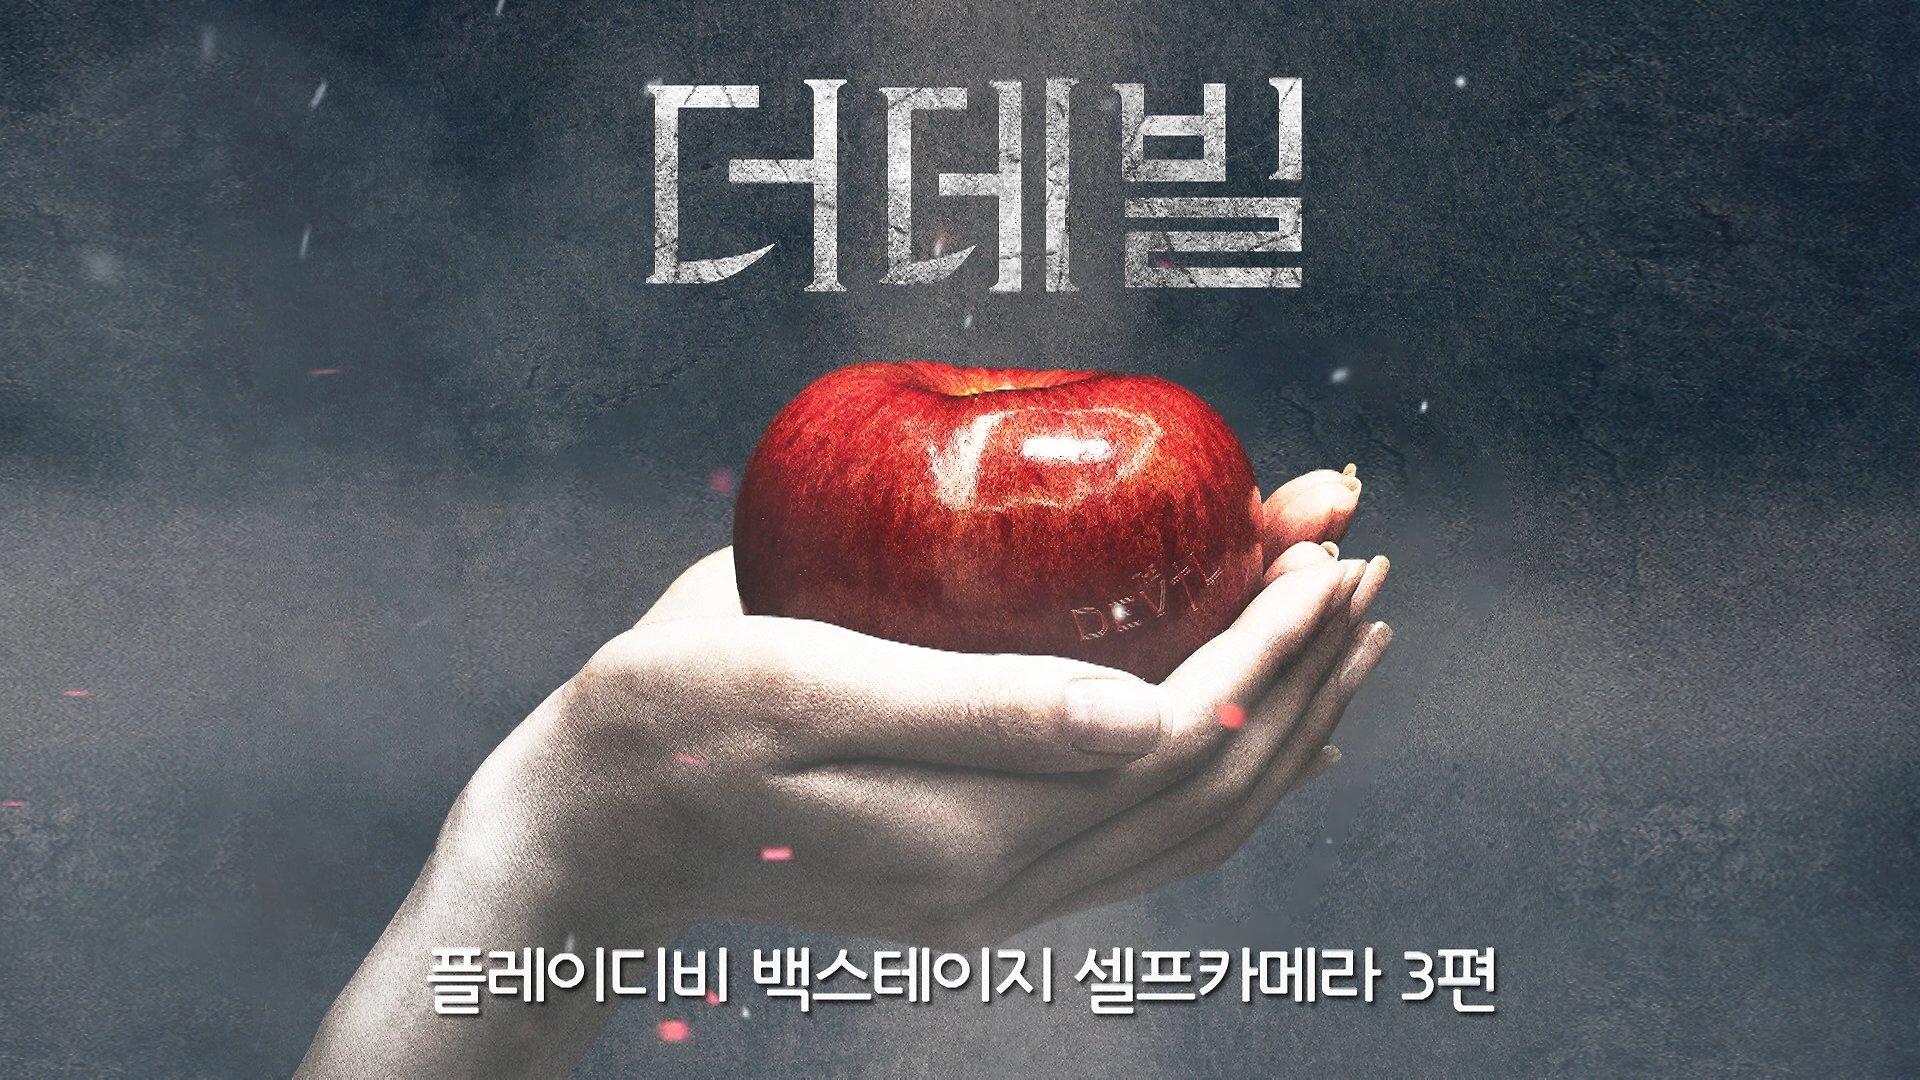 [백스테이지 셀프카메라] <더 데빌> 편 ③